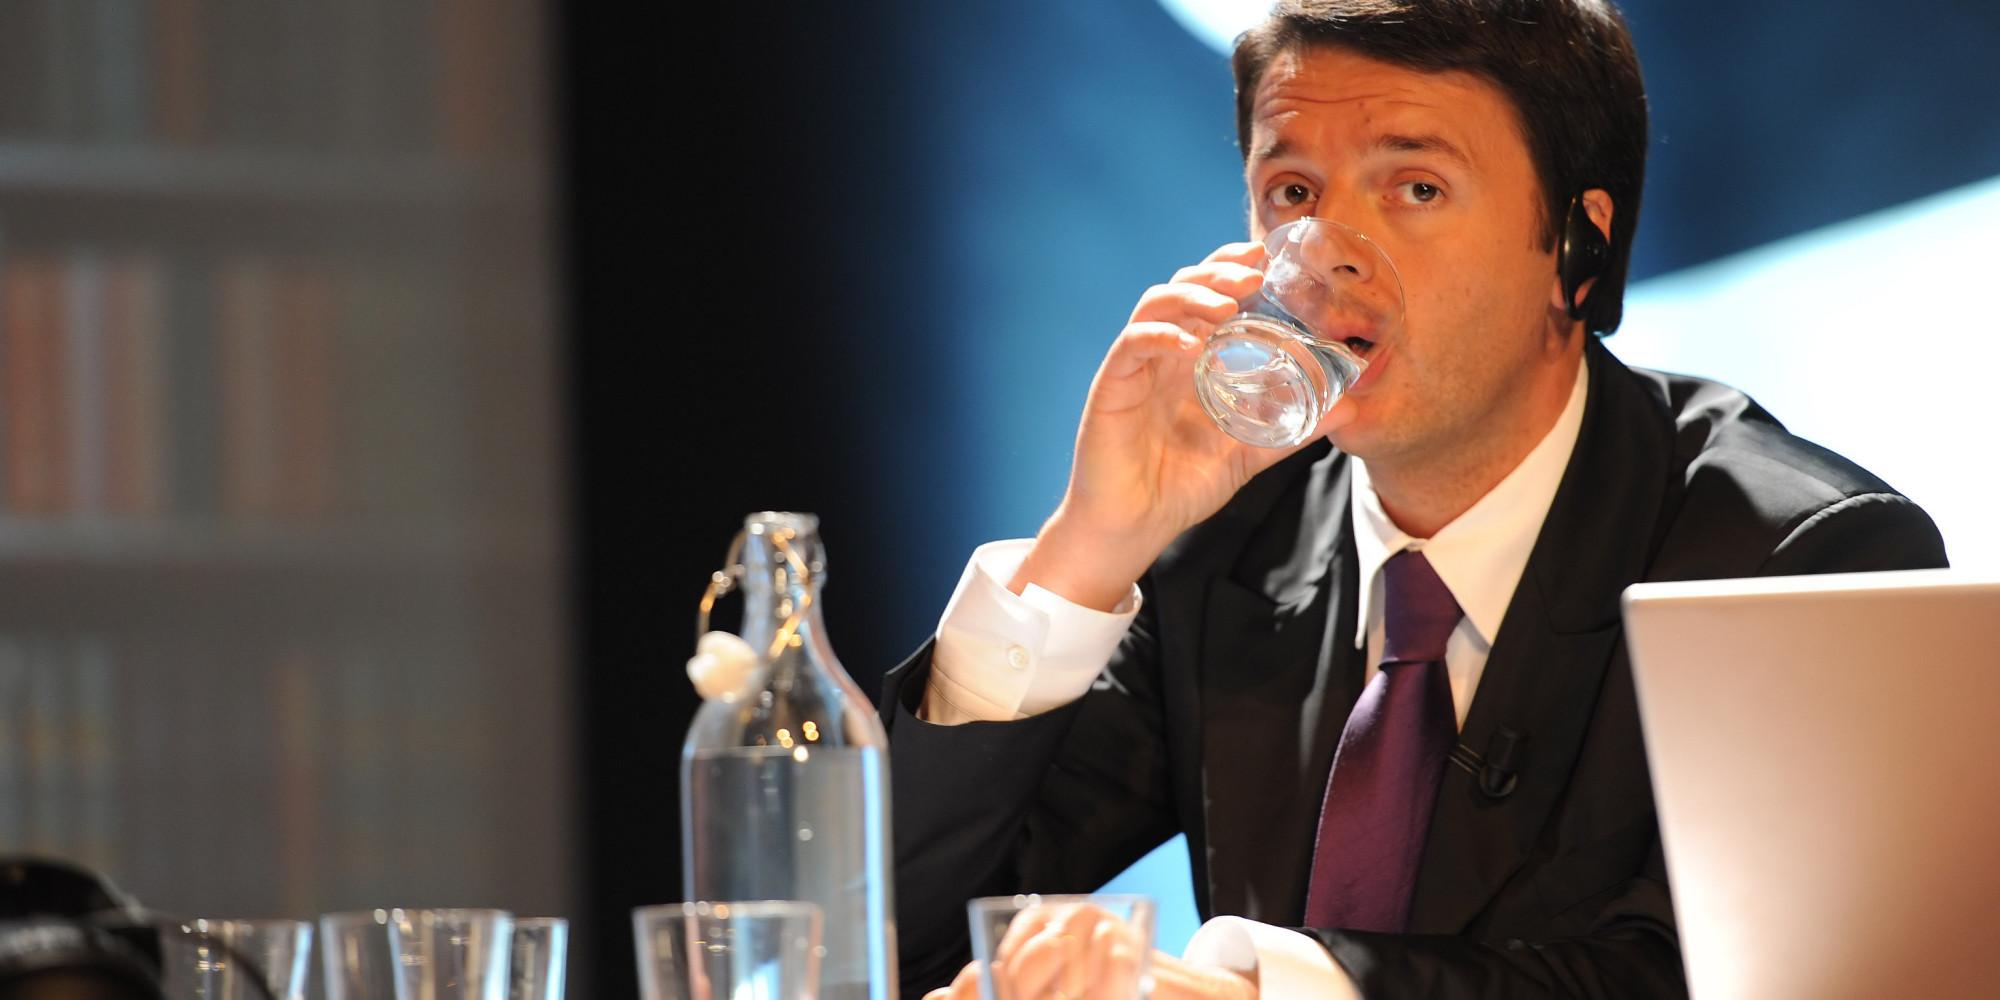 Il pd privatizza l 39 acqua al toglie le firme dalla pdl for Elenco parlamentari pd